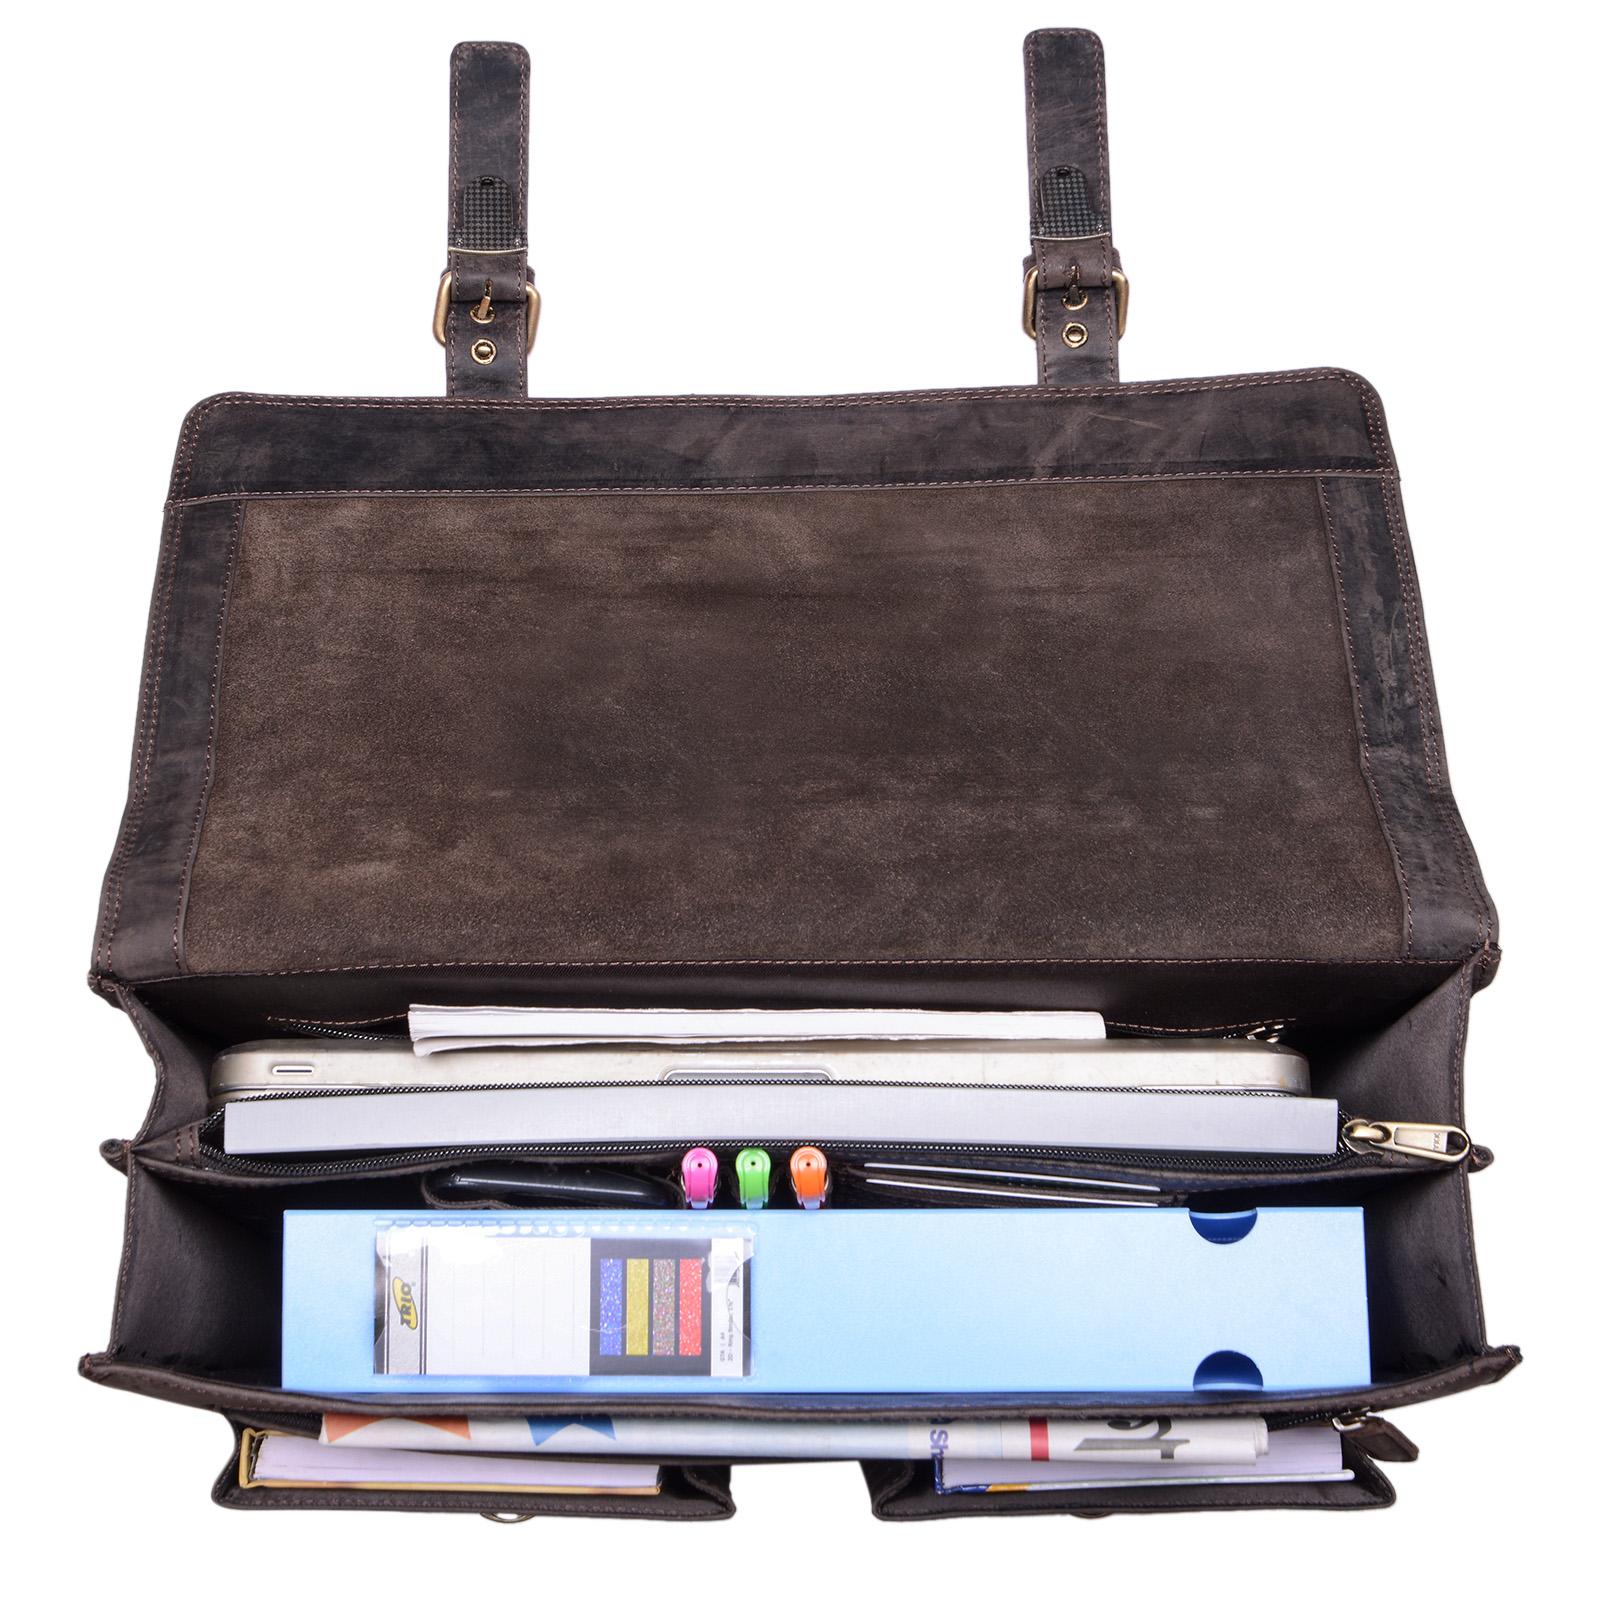 """STILORD B-WARE """"Constantin"""" Vintage Lehrertasche Aktentasche Herren Damen Bürotasche Hauptfach für 15.6 Zoll Laptop Umhängetasche groß Leder - Bild 4"""